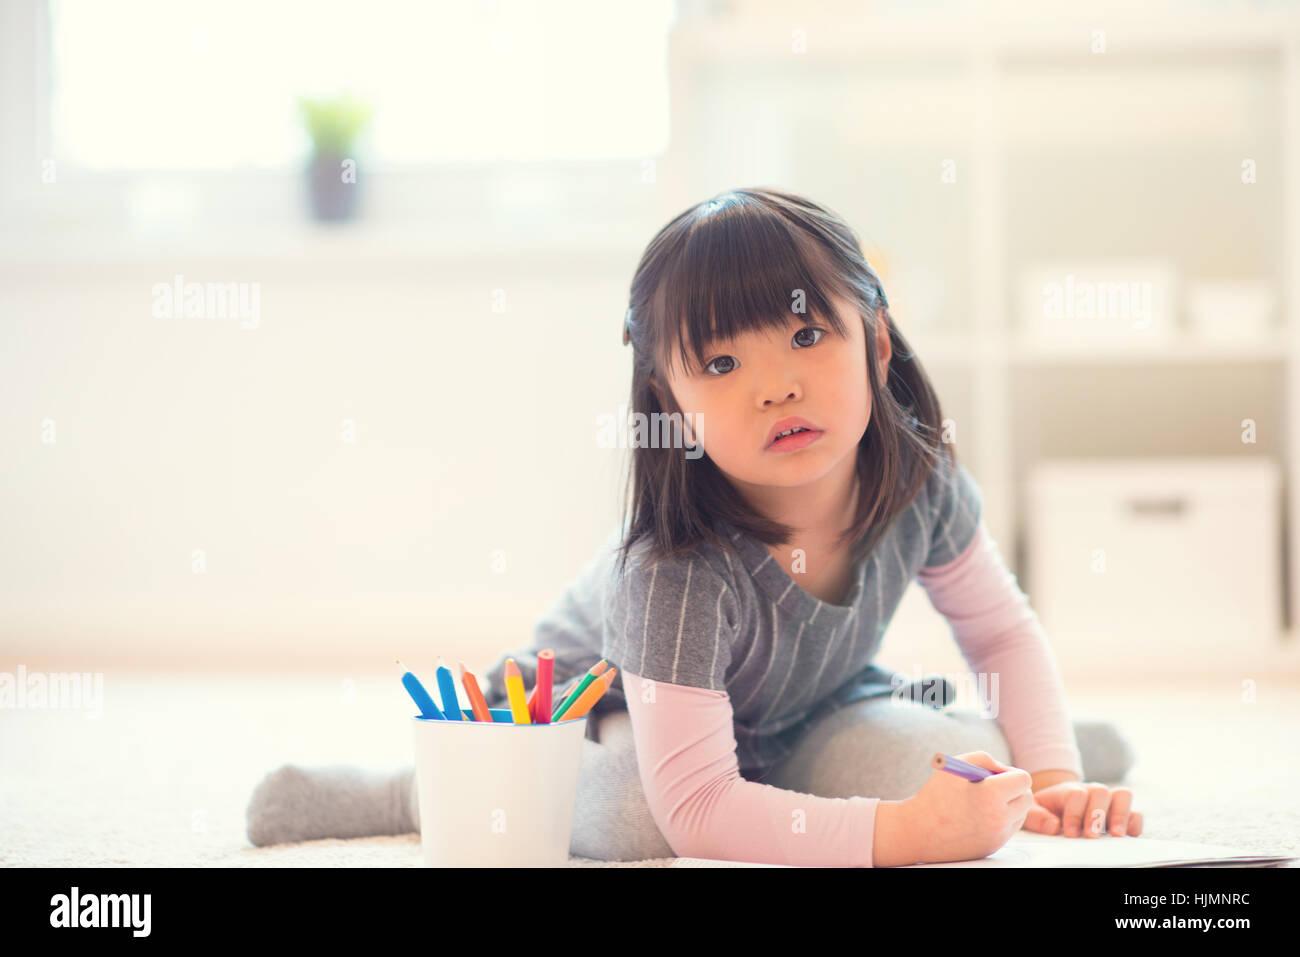 Lil japan girls, miss teen japan xxx